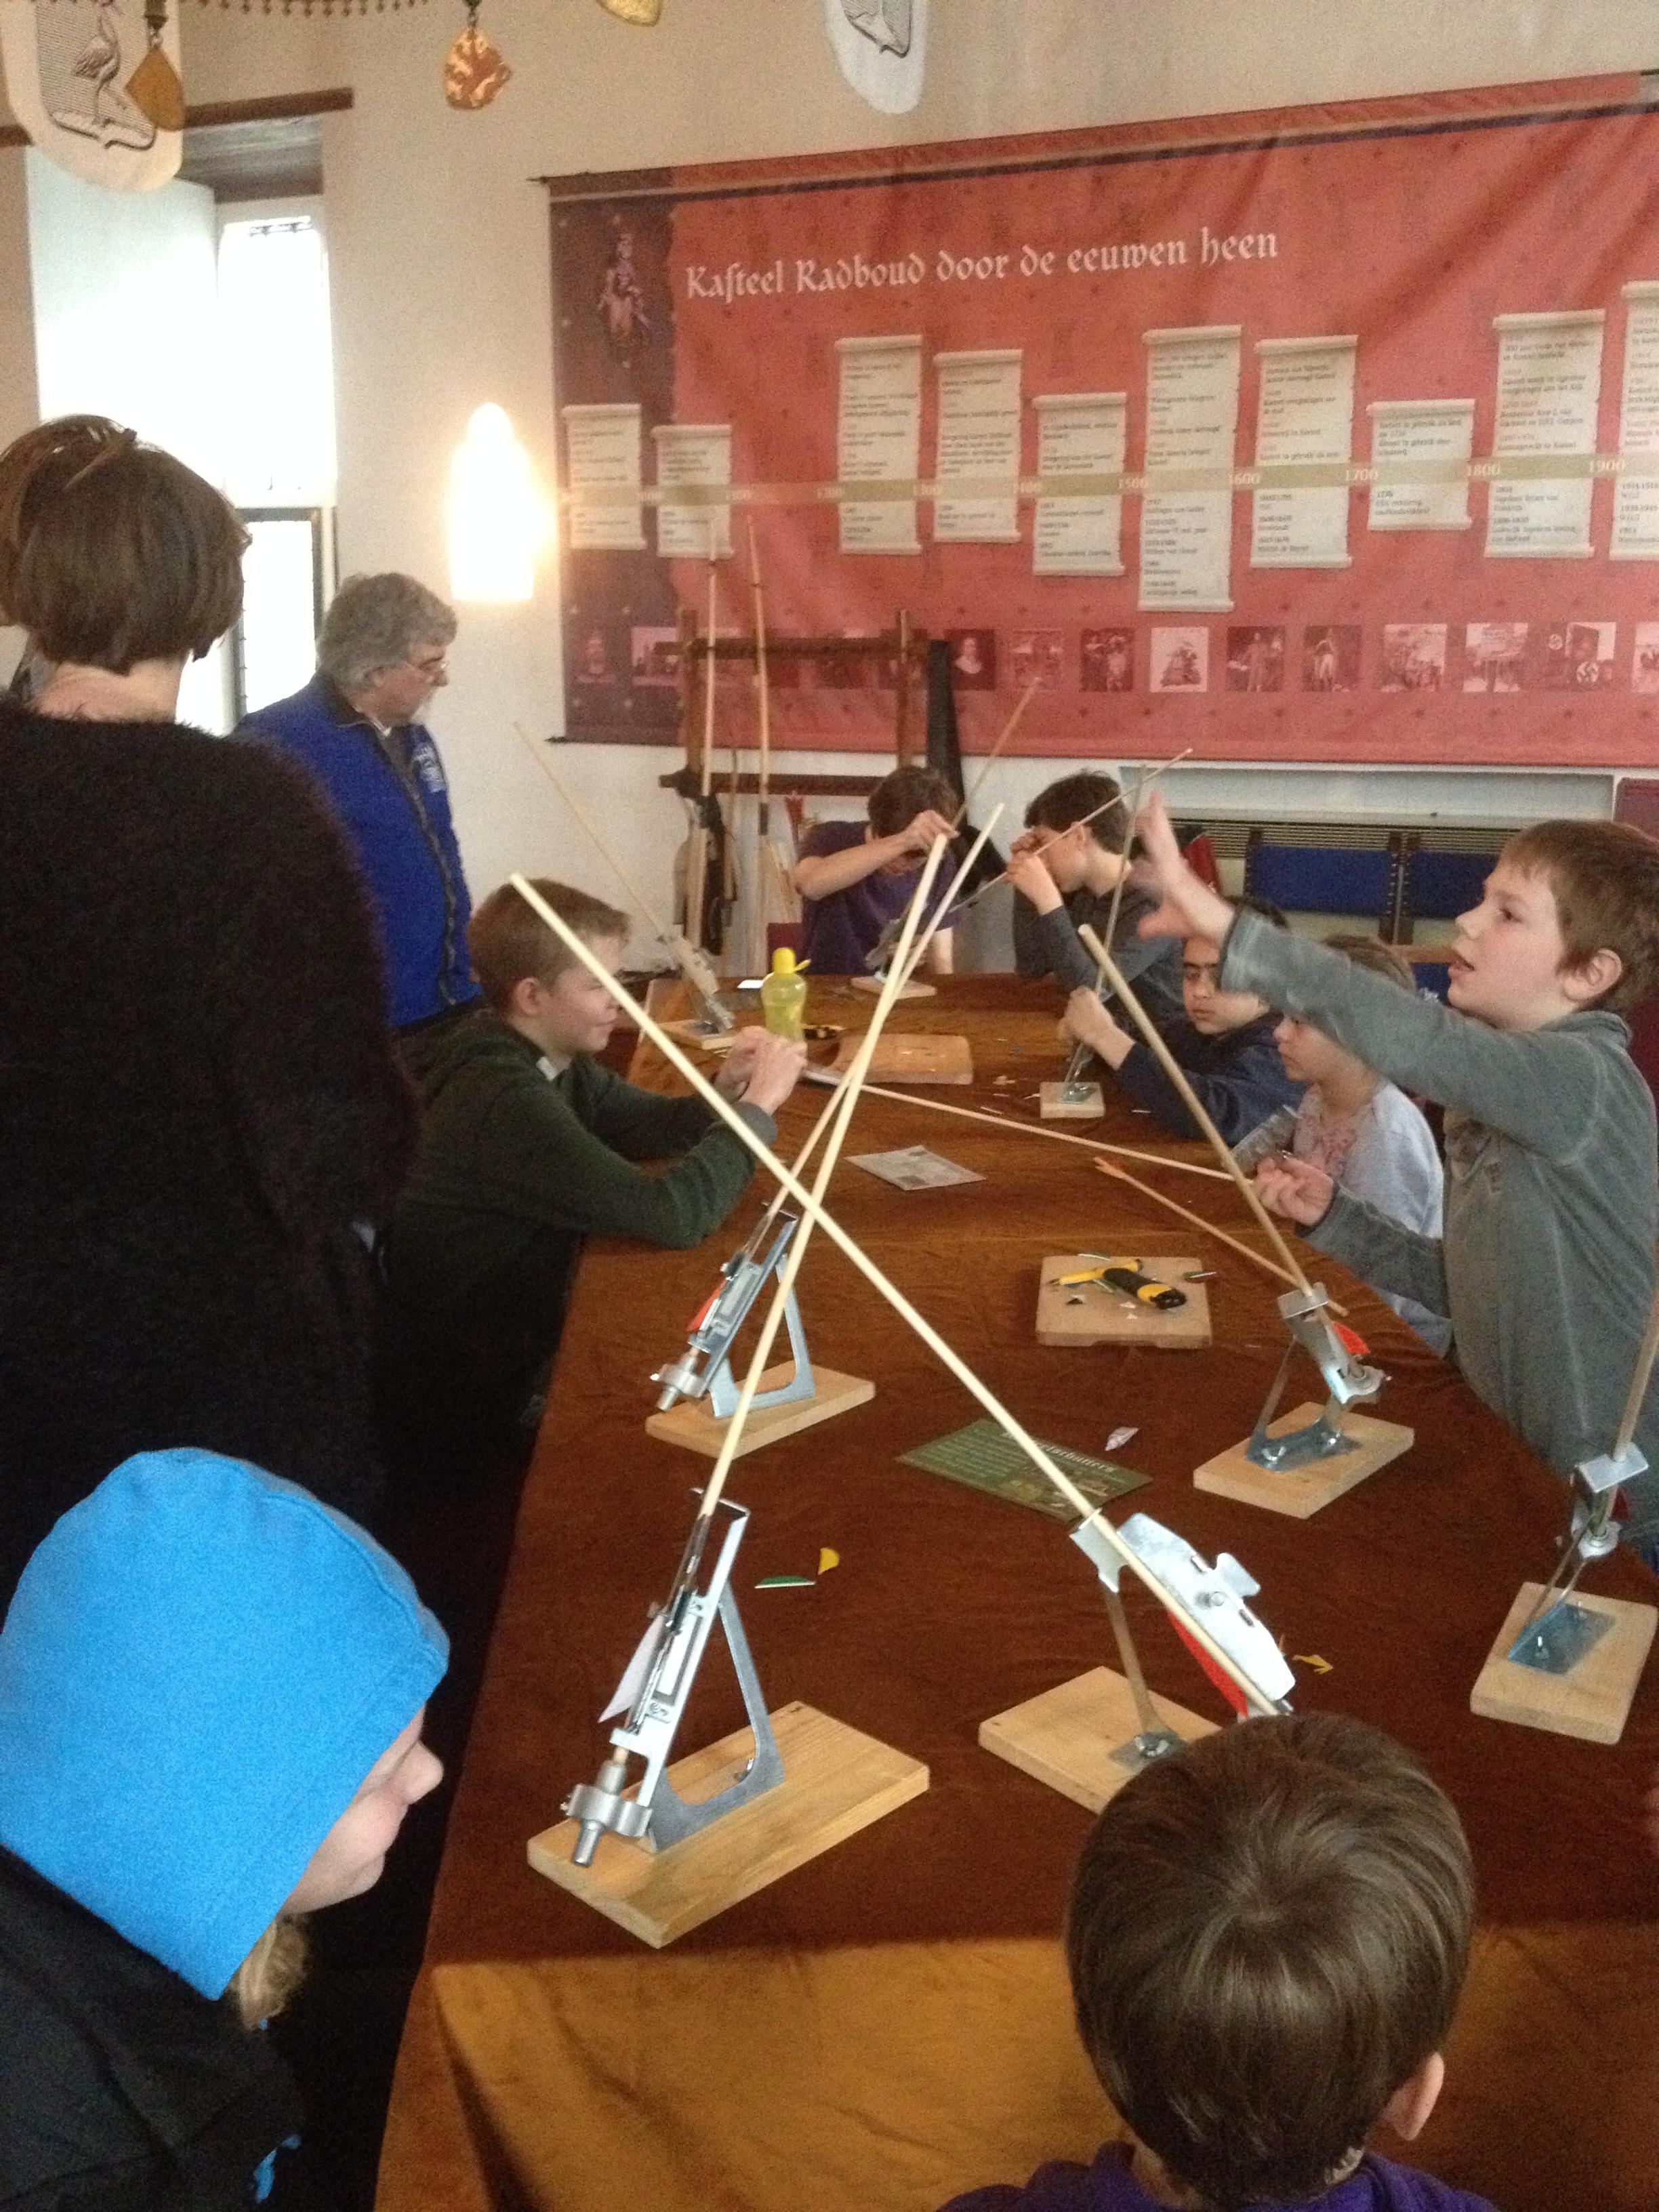 Kasteelschutters HISTORIE-KS Longbowman Handboogschieten Kasteel Radboud Bedrijfsfeestje bedrijfsfeest Bedrijfsuitje Workshops Teambuilding Evenementen tafel 1